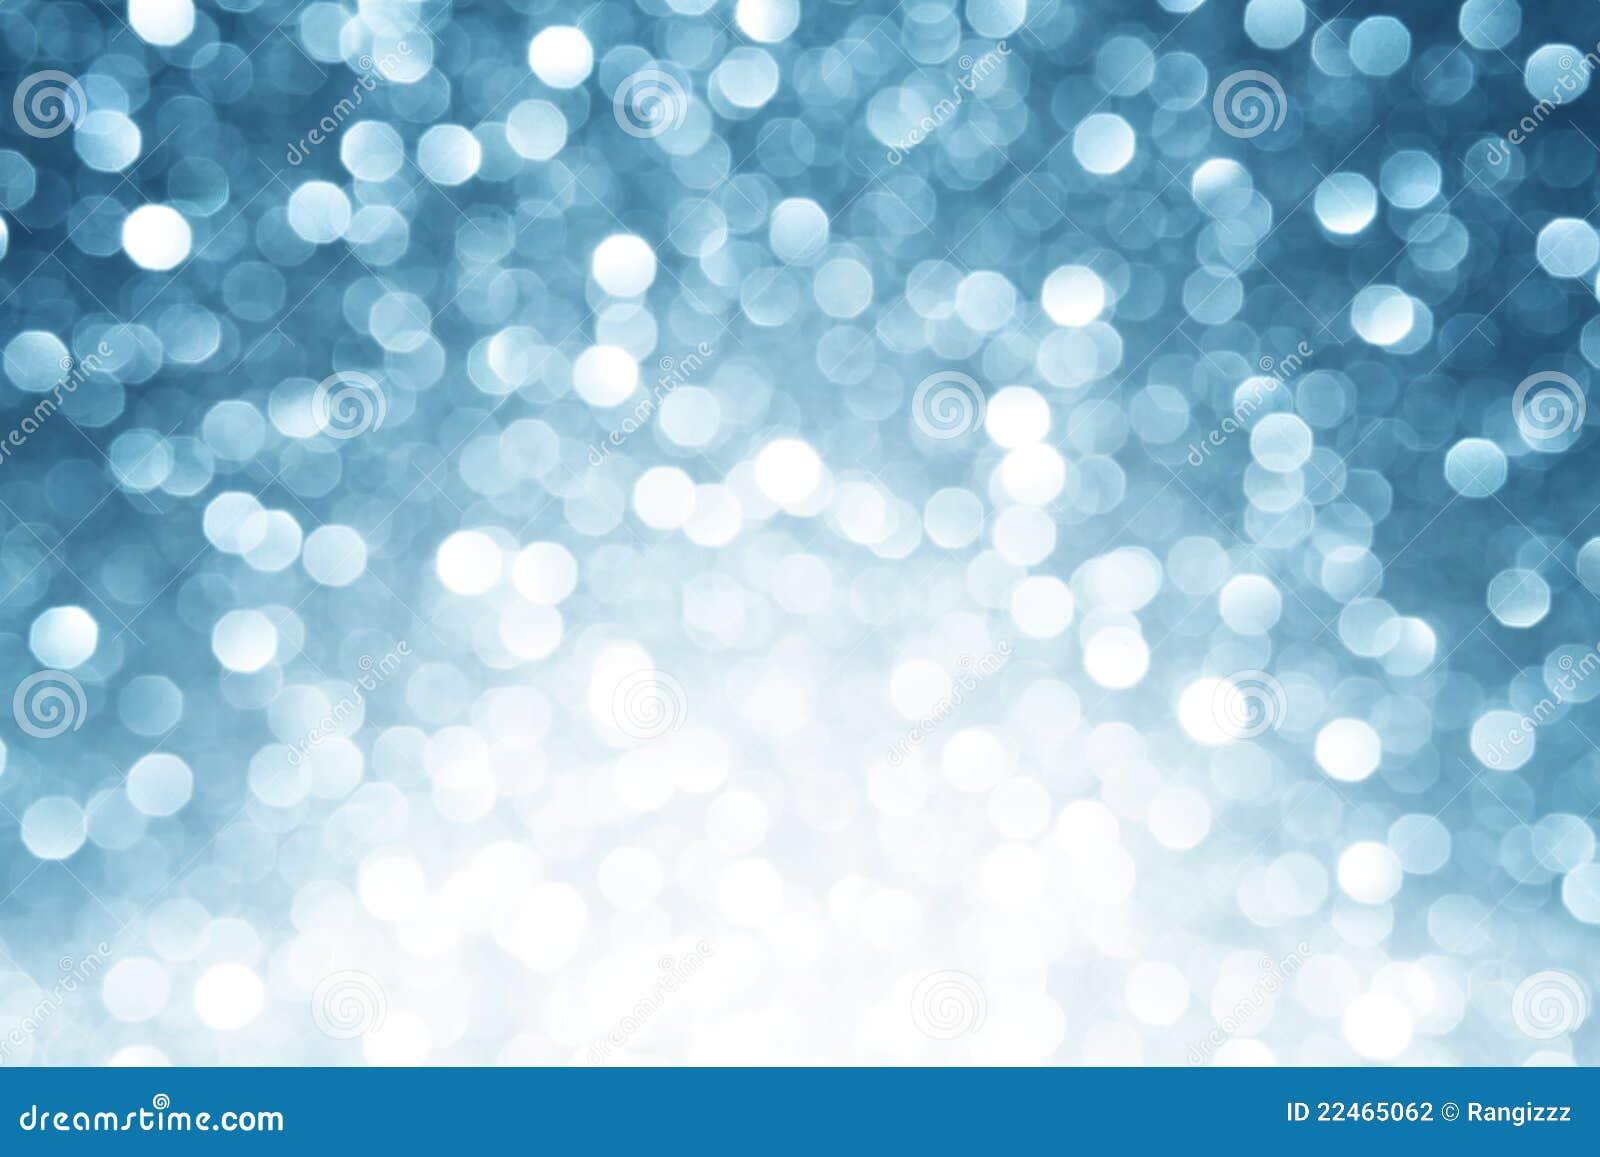 Fundo defocused azul das luzes